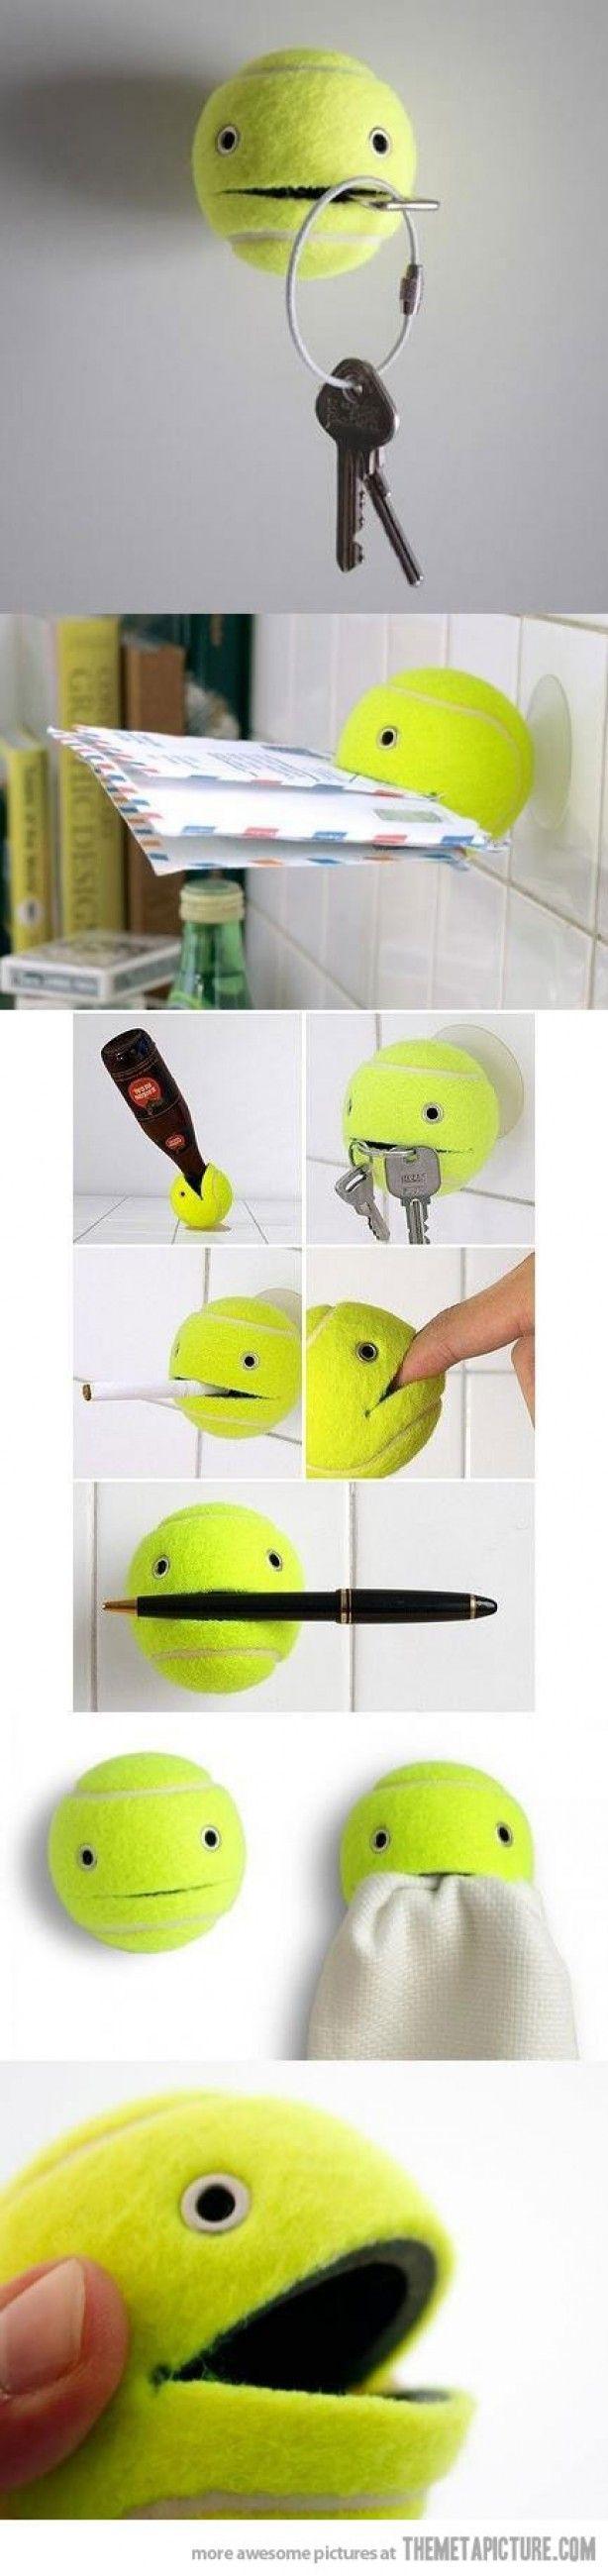 leuke dingen van een tennisbal!!